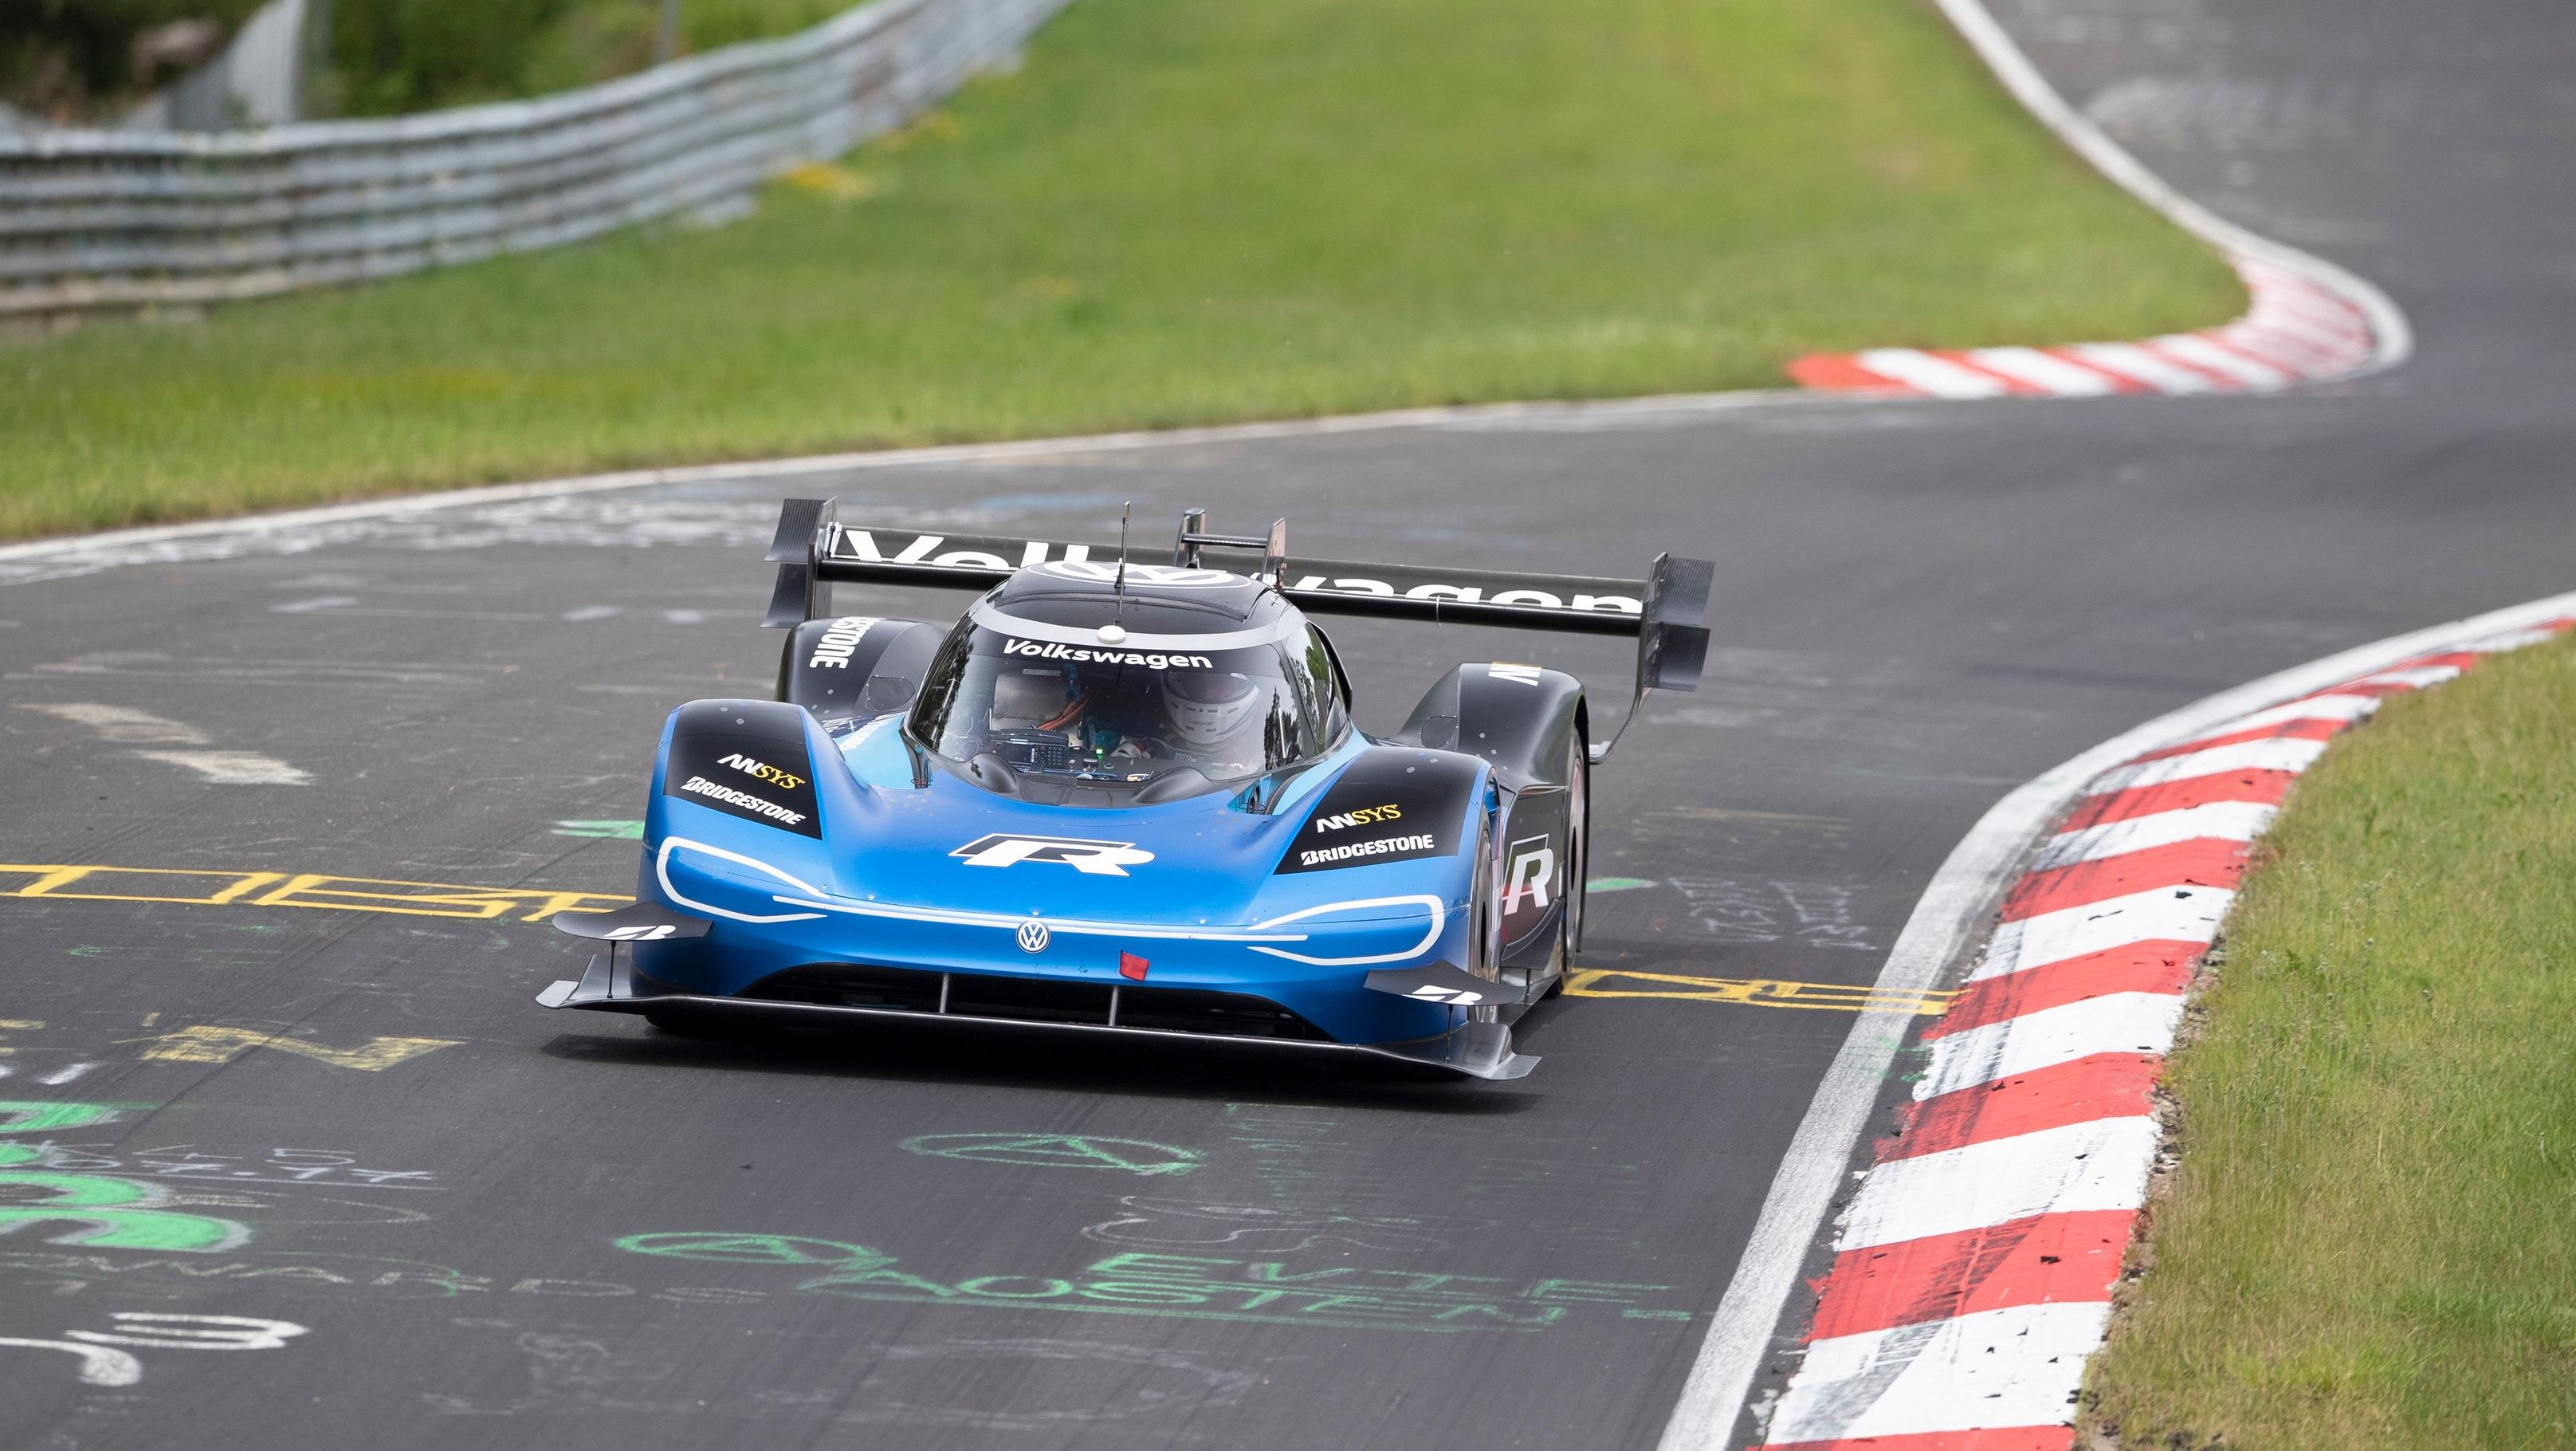 Nurburgring Electric Lap Record